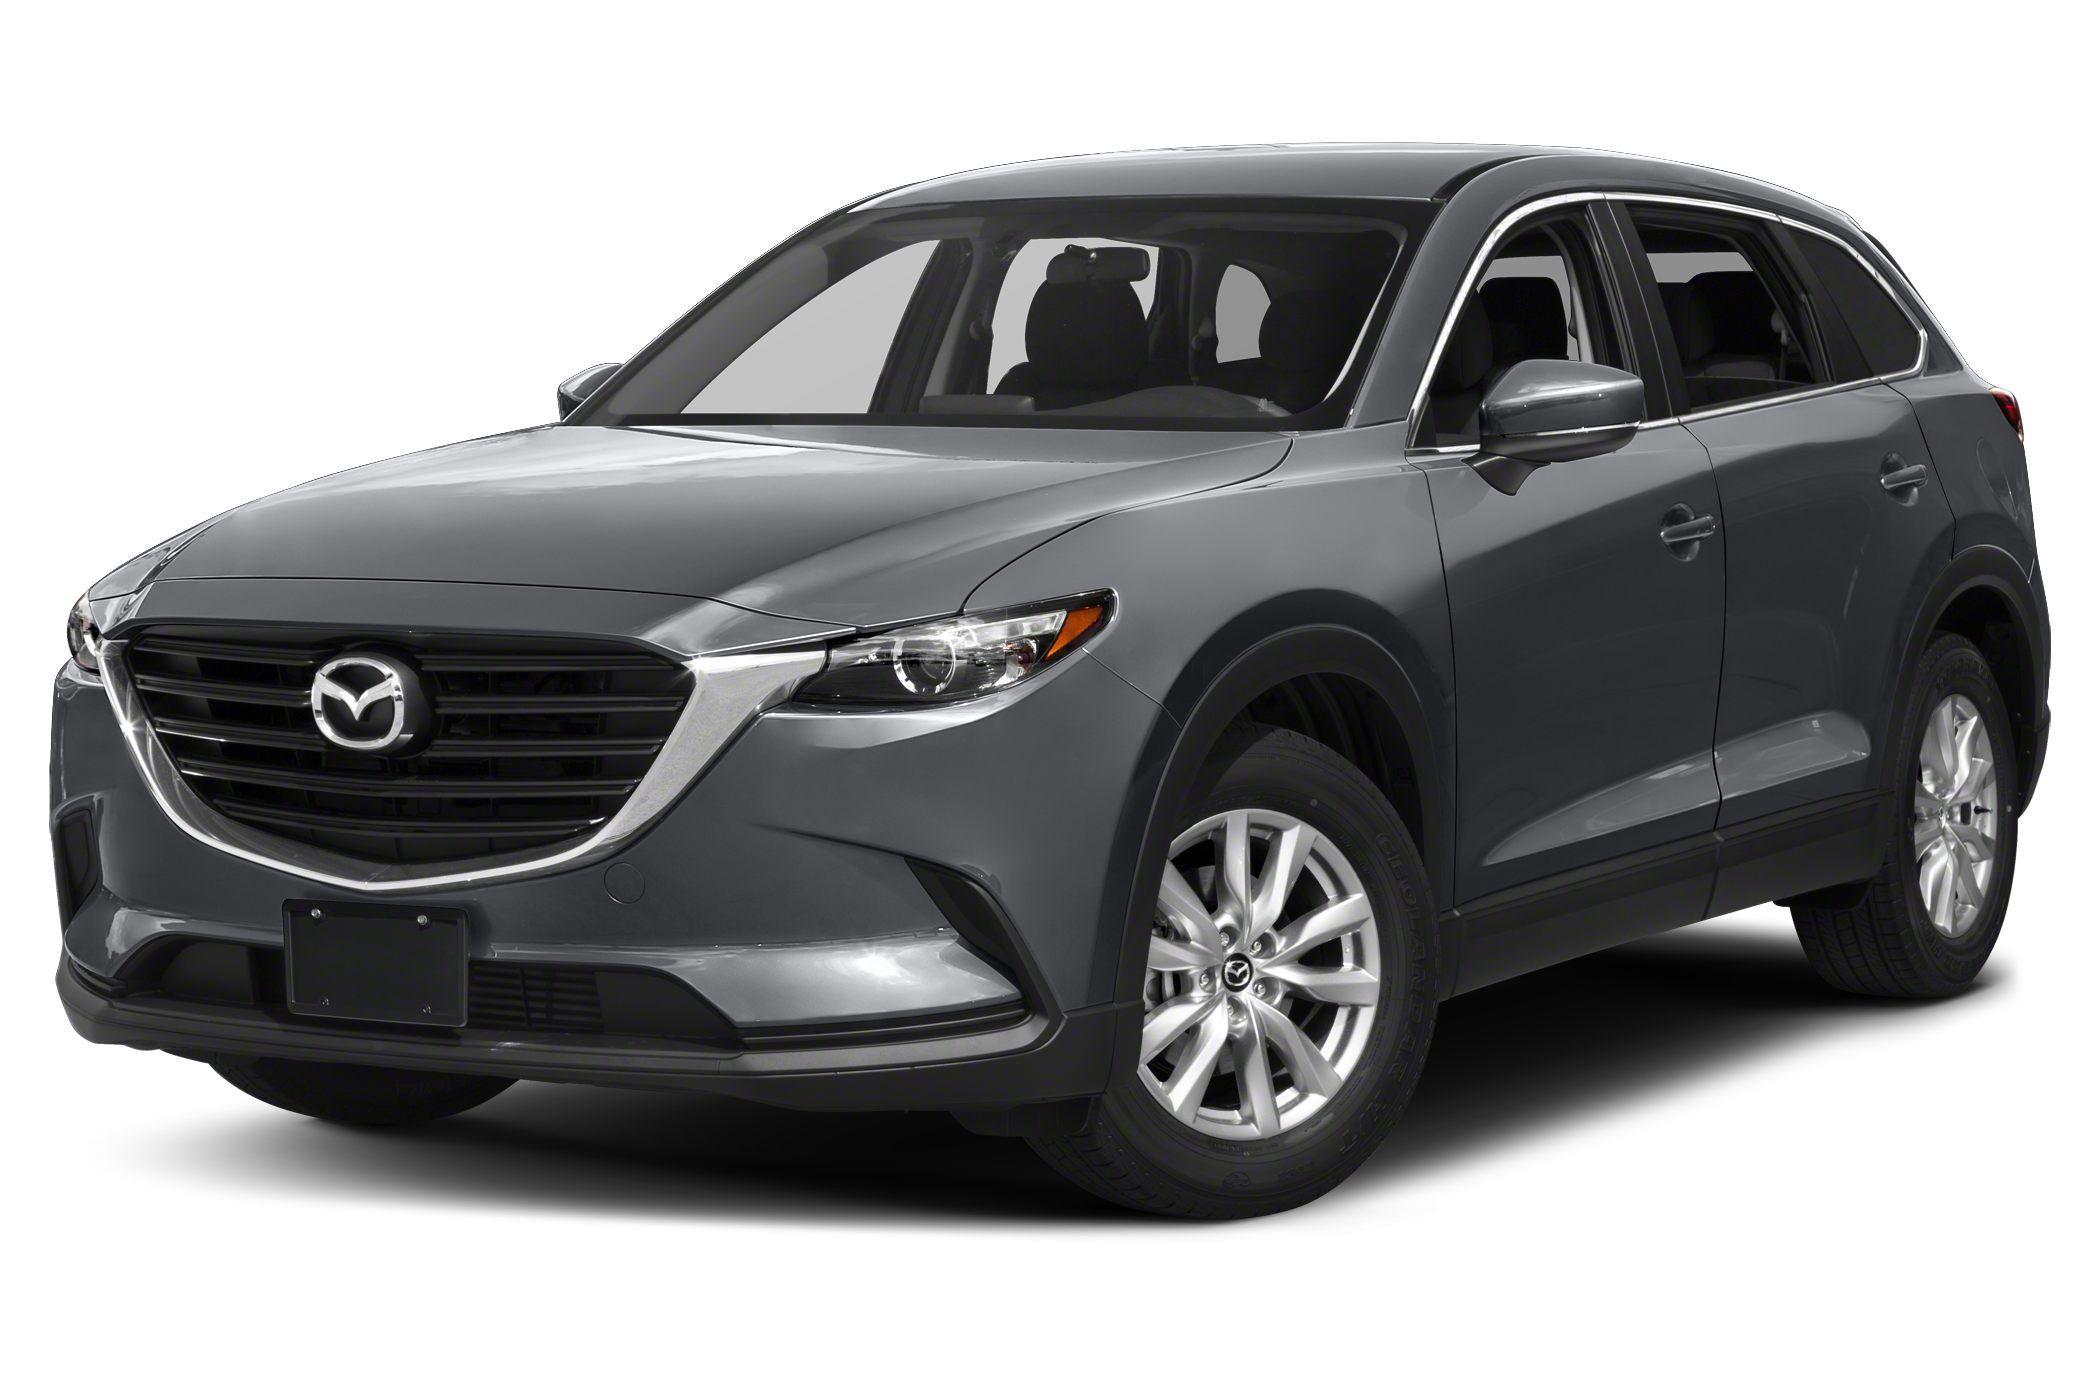 2020 Mazda Cx 9 New 2018 Mazda Cx 9 Sport Sport Utility In